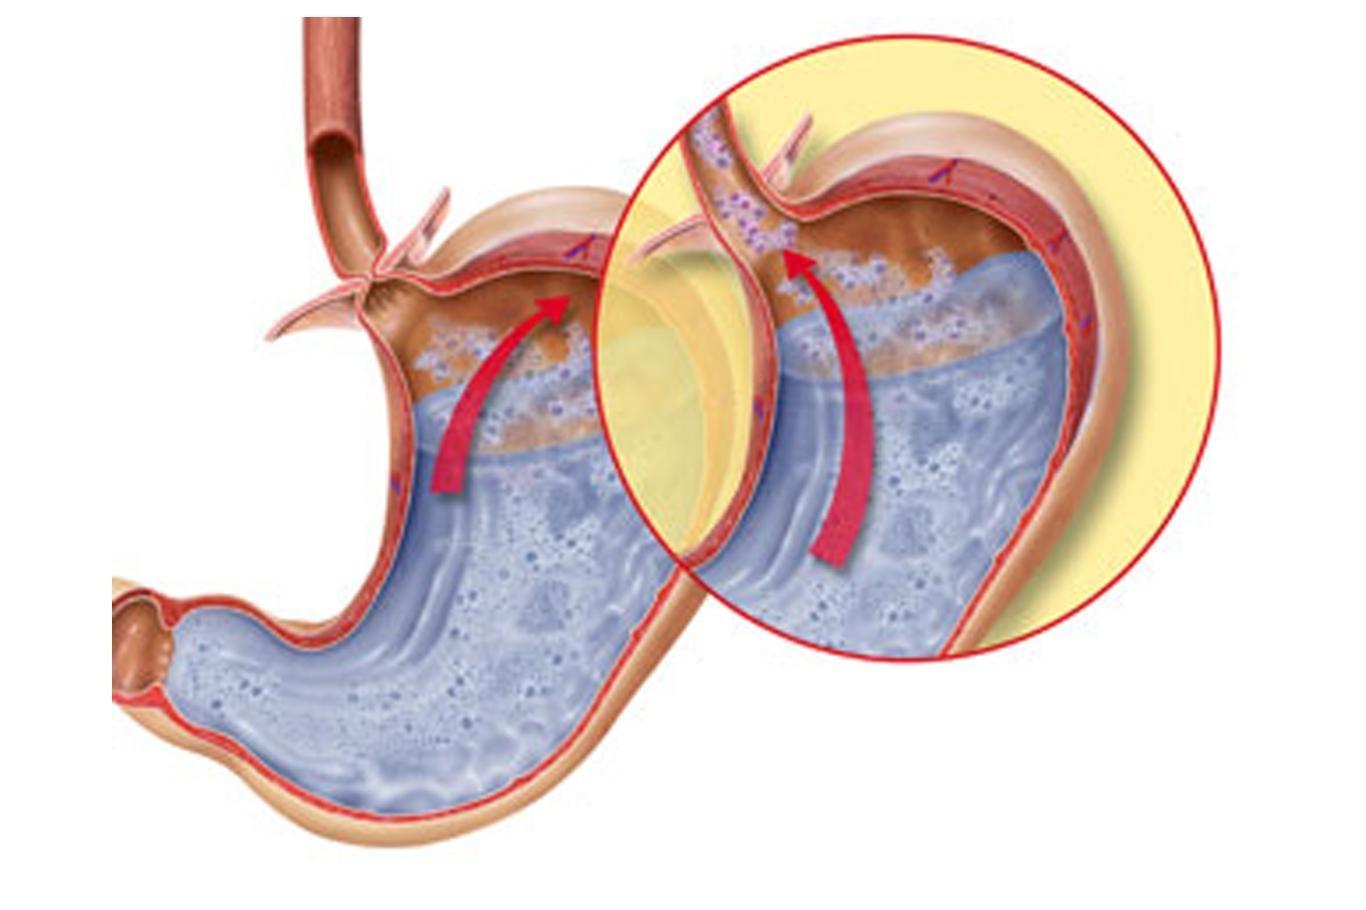 Как выглядит недостаточность кардии желудка